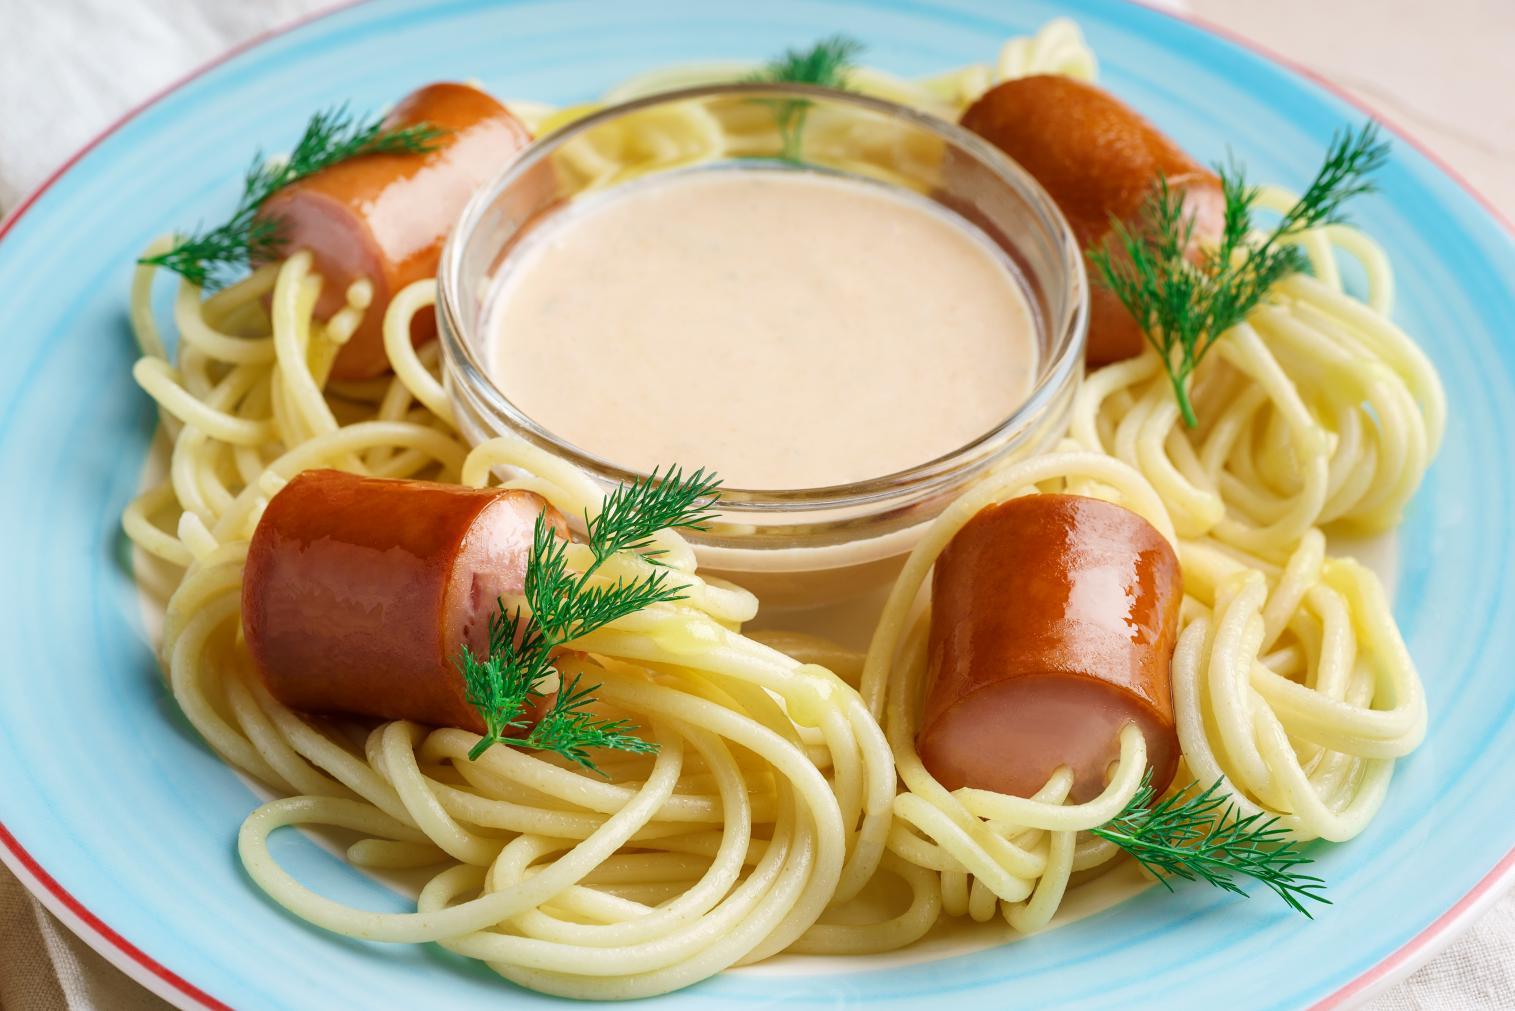 Макароны с сосиской рецепт фото